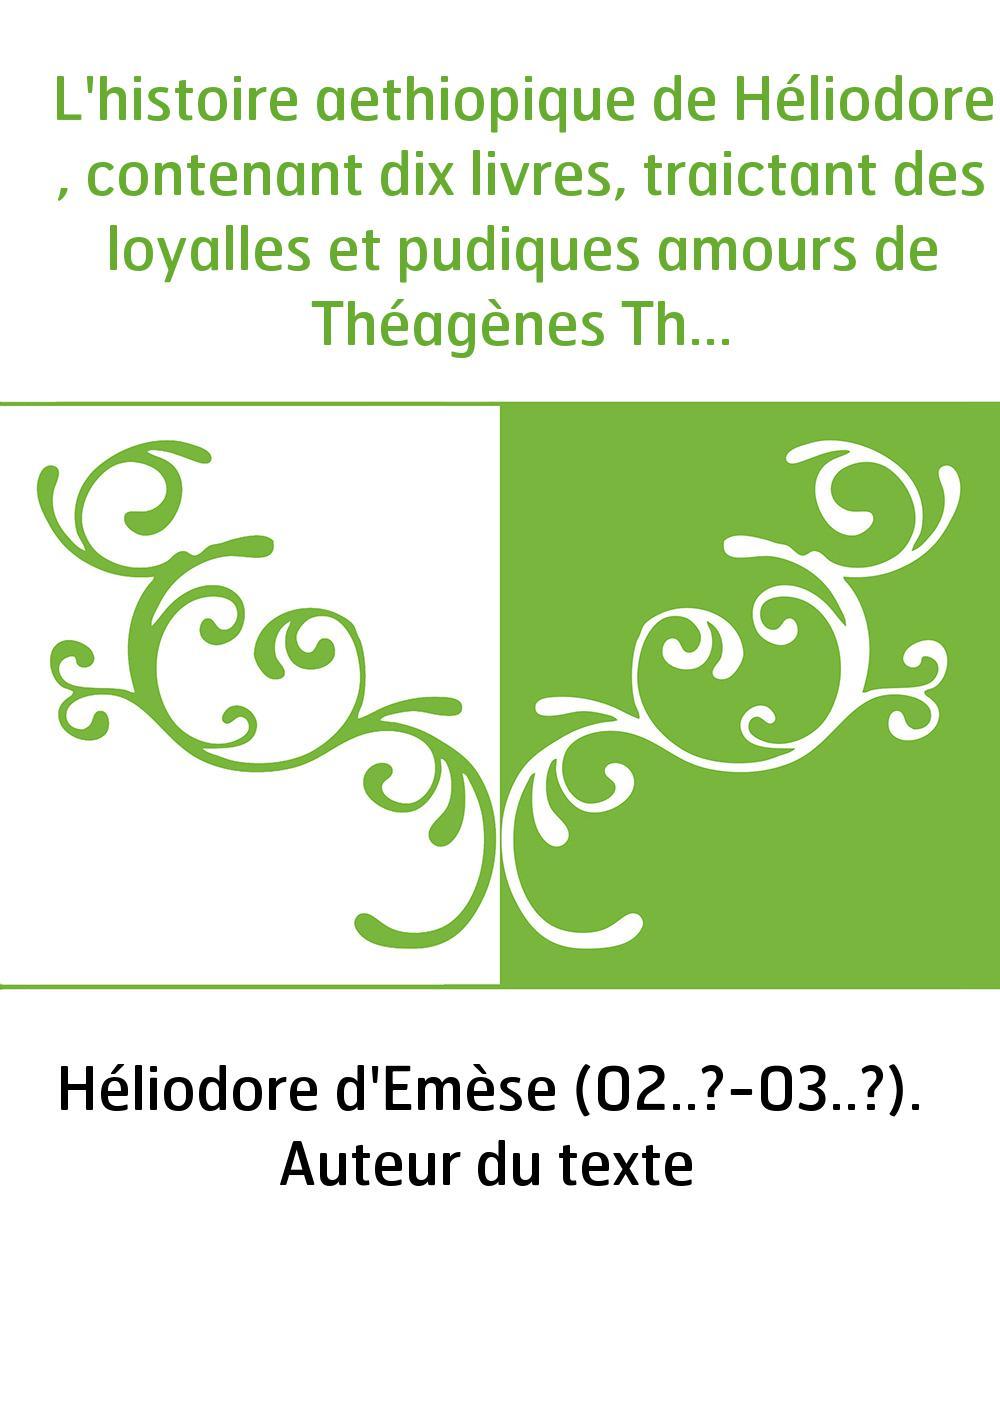 L'histoire aethiopique de Héliodore , contenant dix livres, traictant des loyalles et pudiques amours de Théagènes Thessalien et